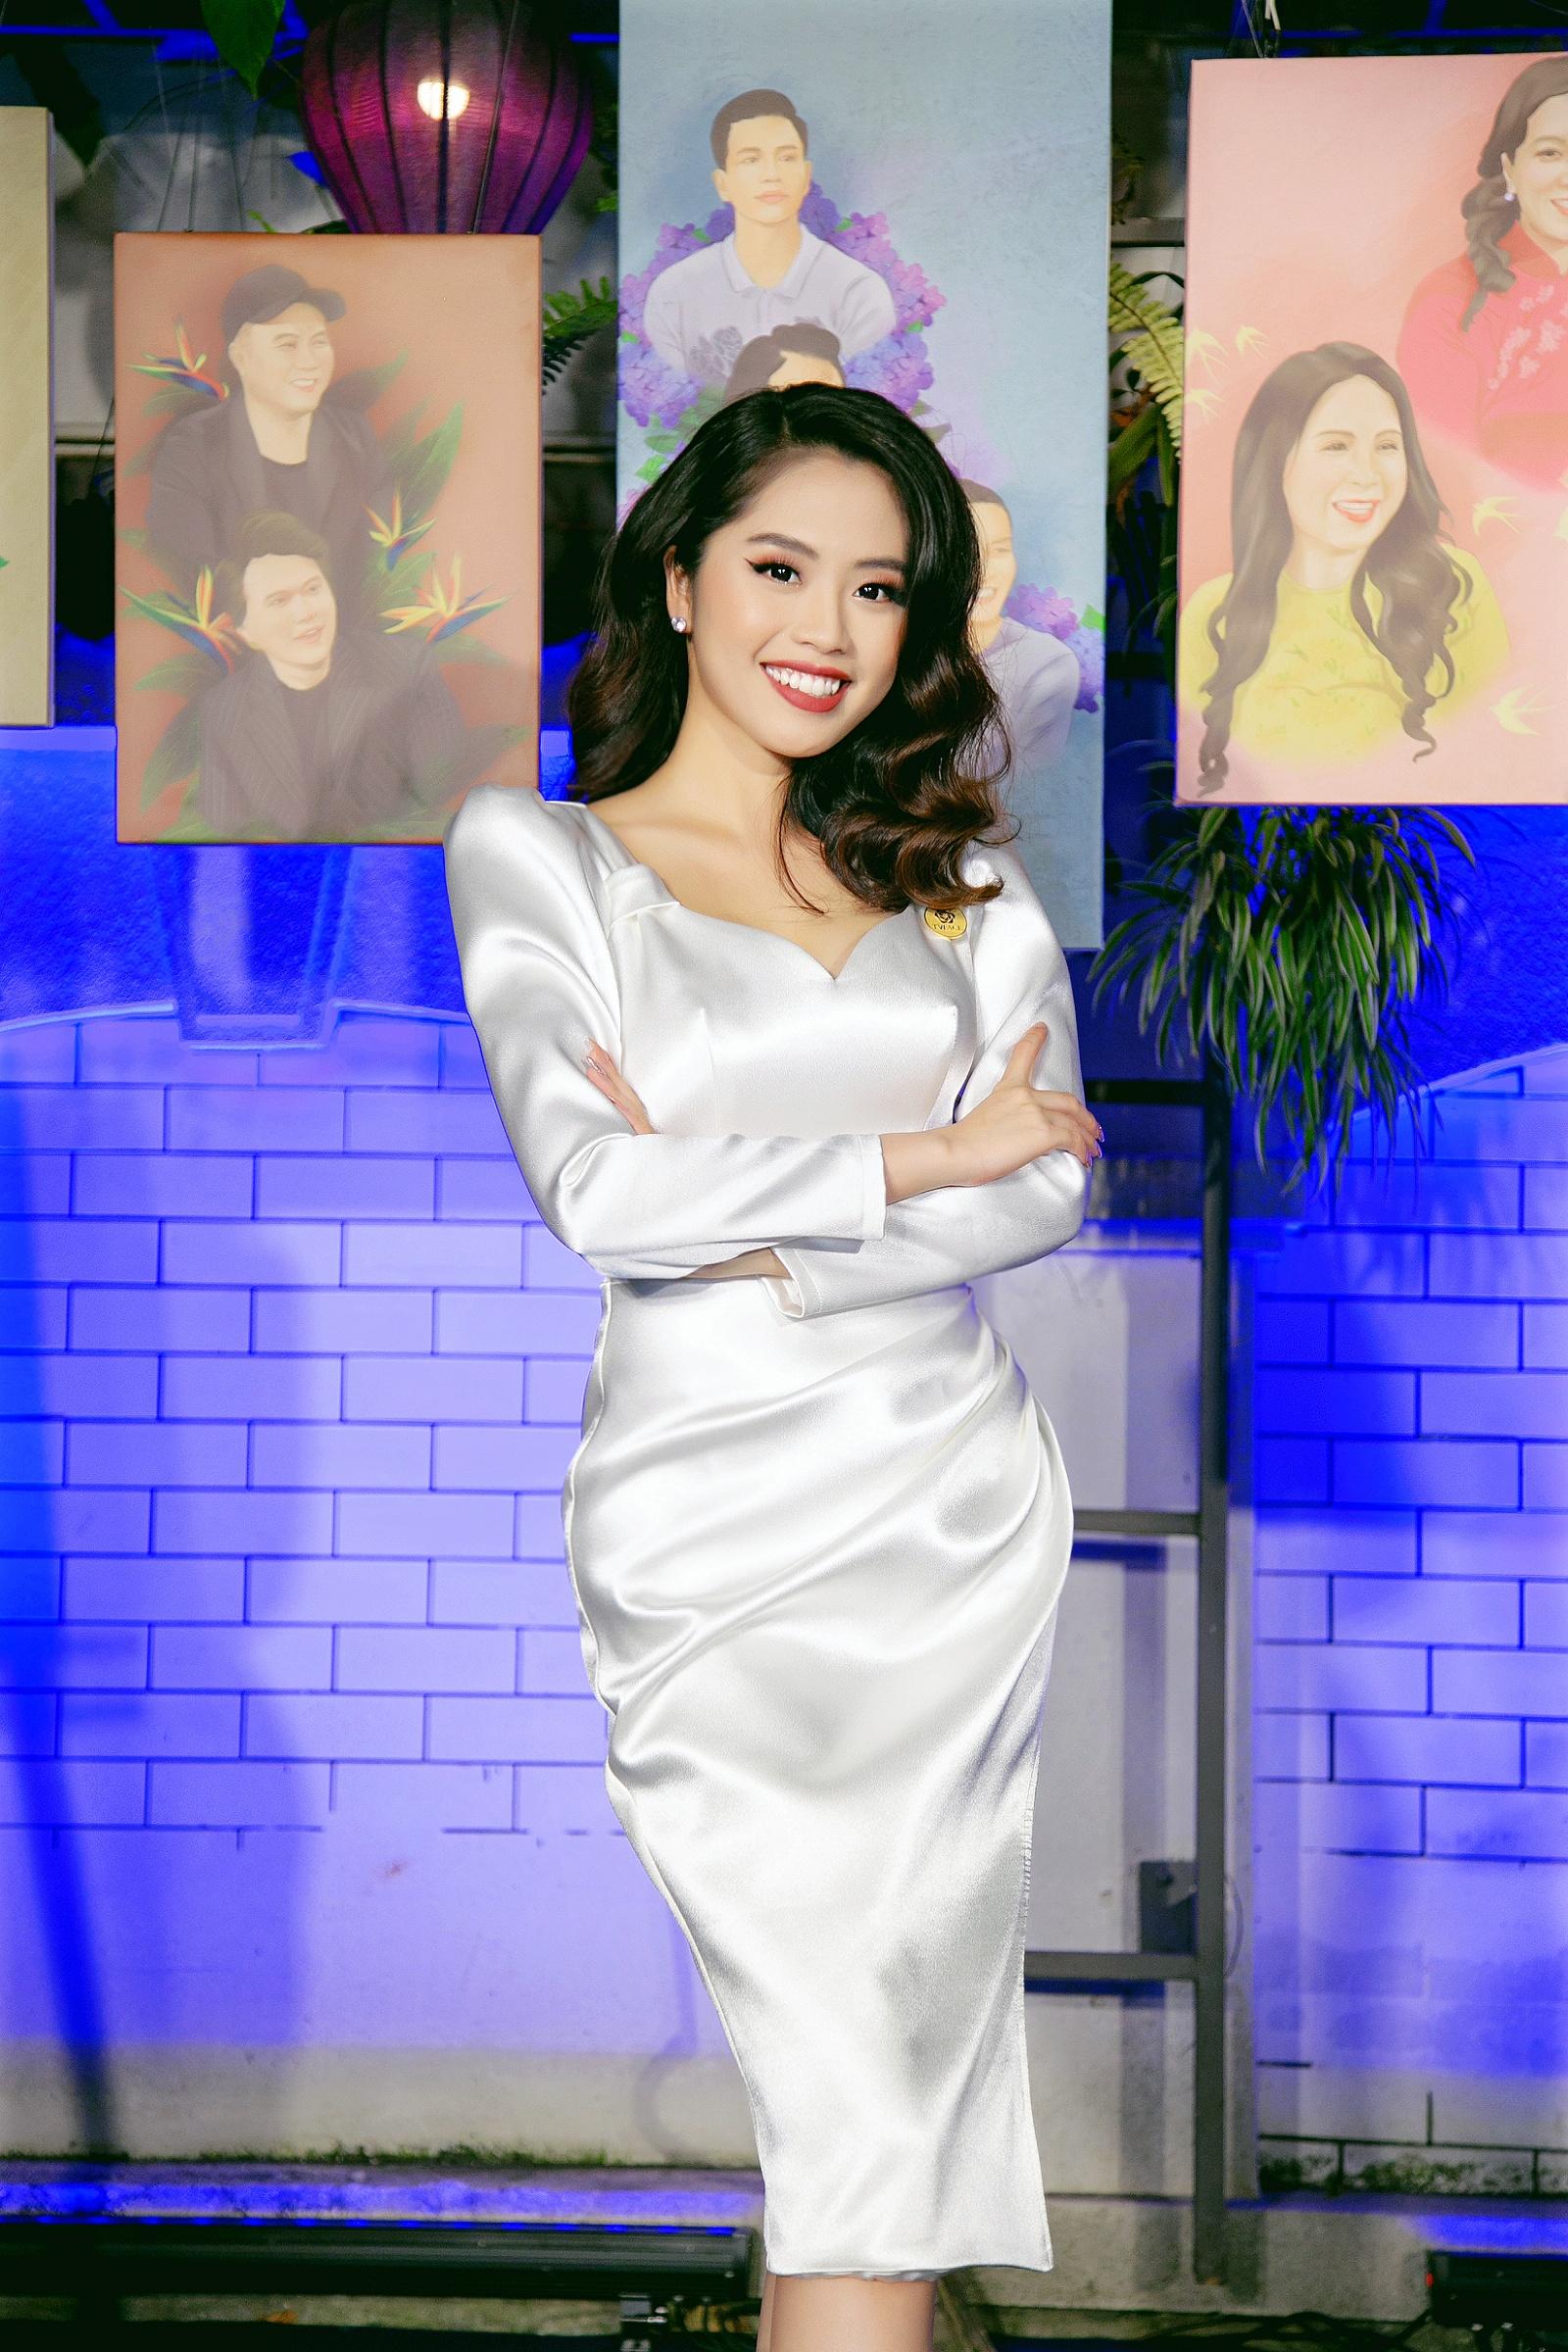 Nữ MC truyền hình 22 tuổi thi HHVN 2020: Các bạn đua theo xu hướng Kpop hay Âu Mỹ, mình chỉ chuộng style đơn giản chuẩn chỉnh tác phong nhà đài - Ảnh 16.